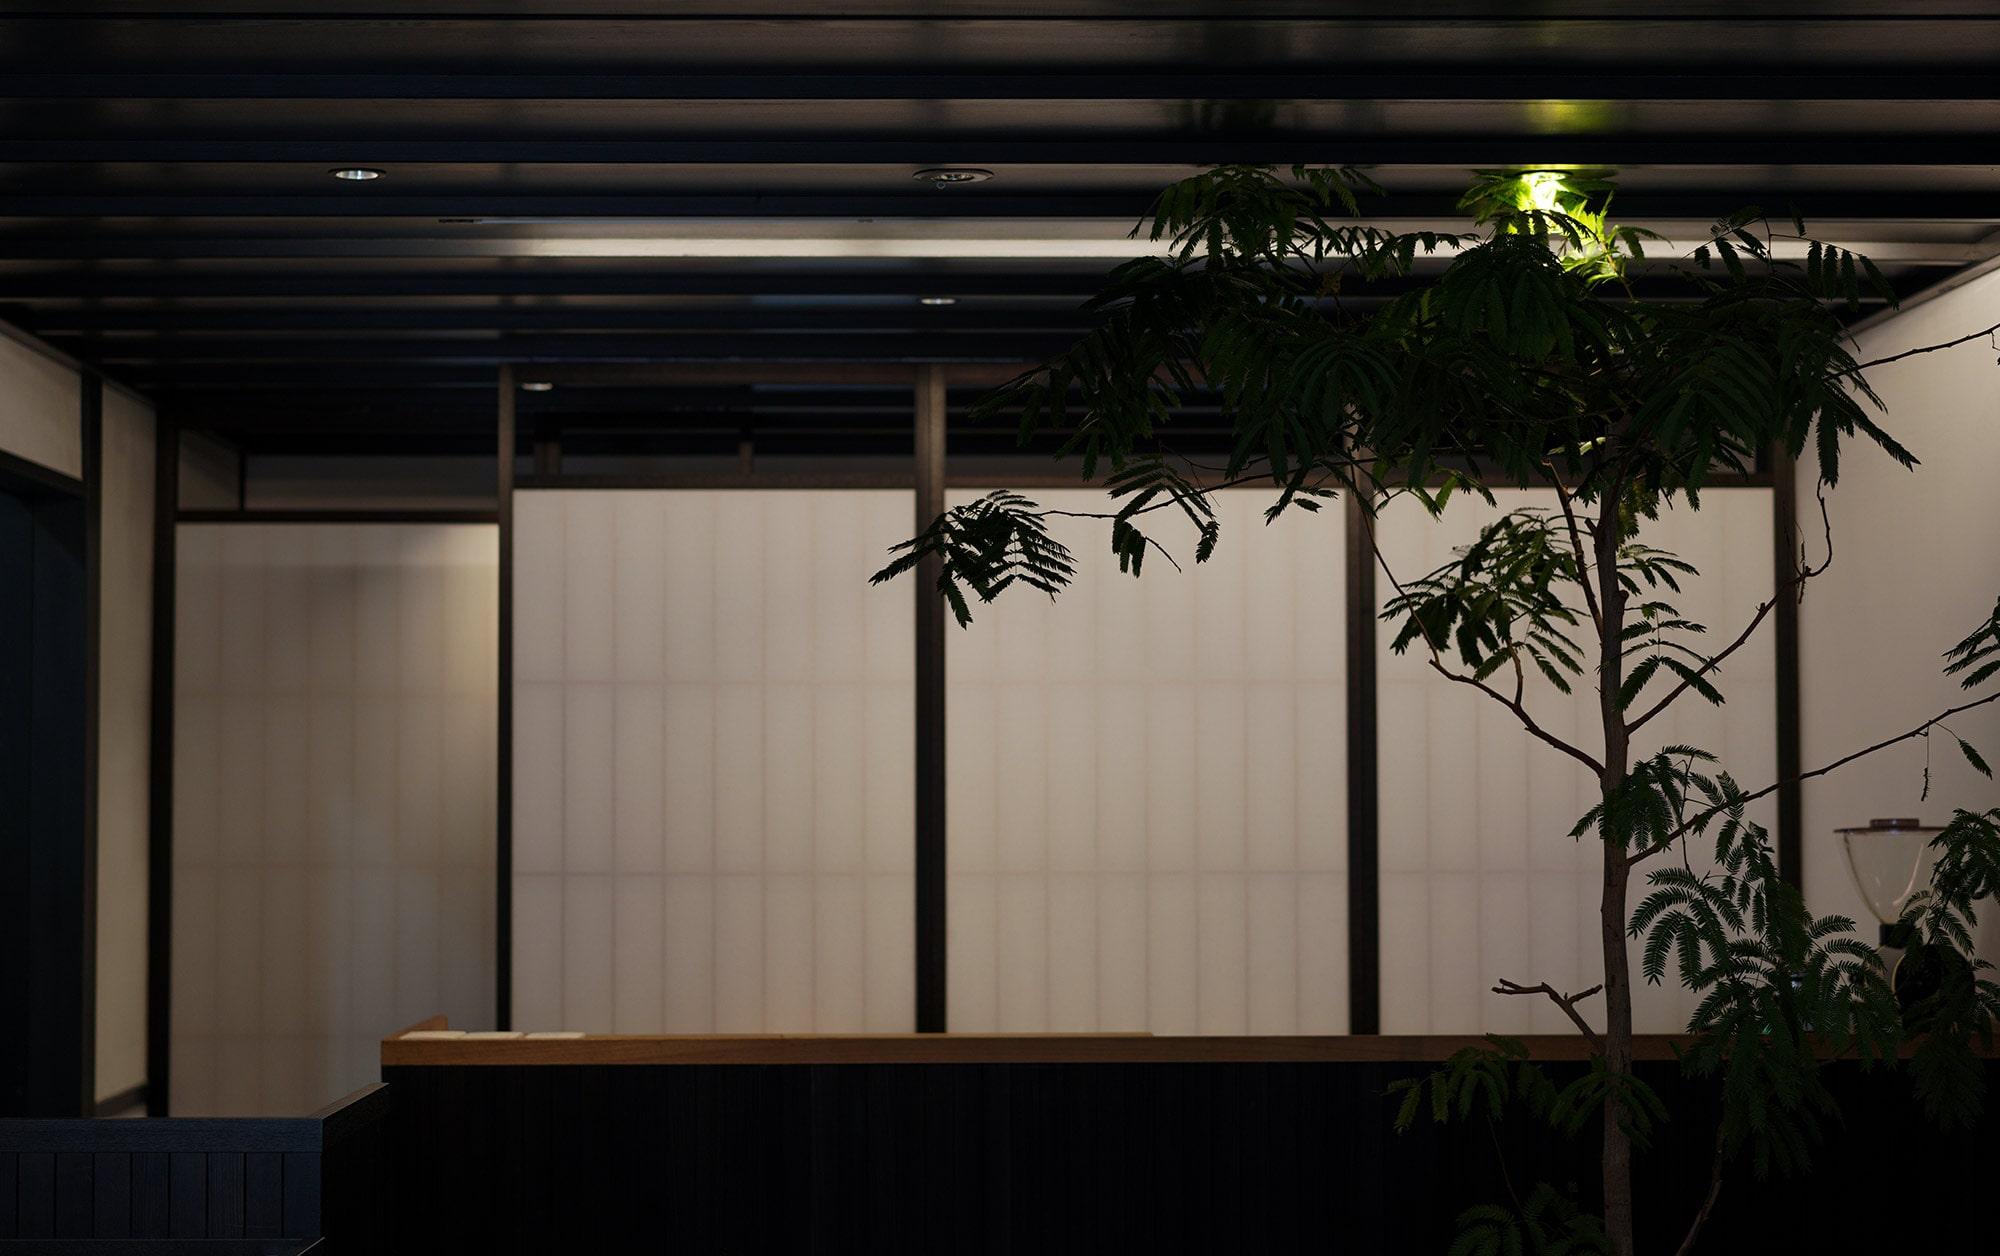 甘納豆かわむら Salon de the' kawamuraの画像です。